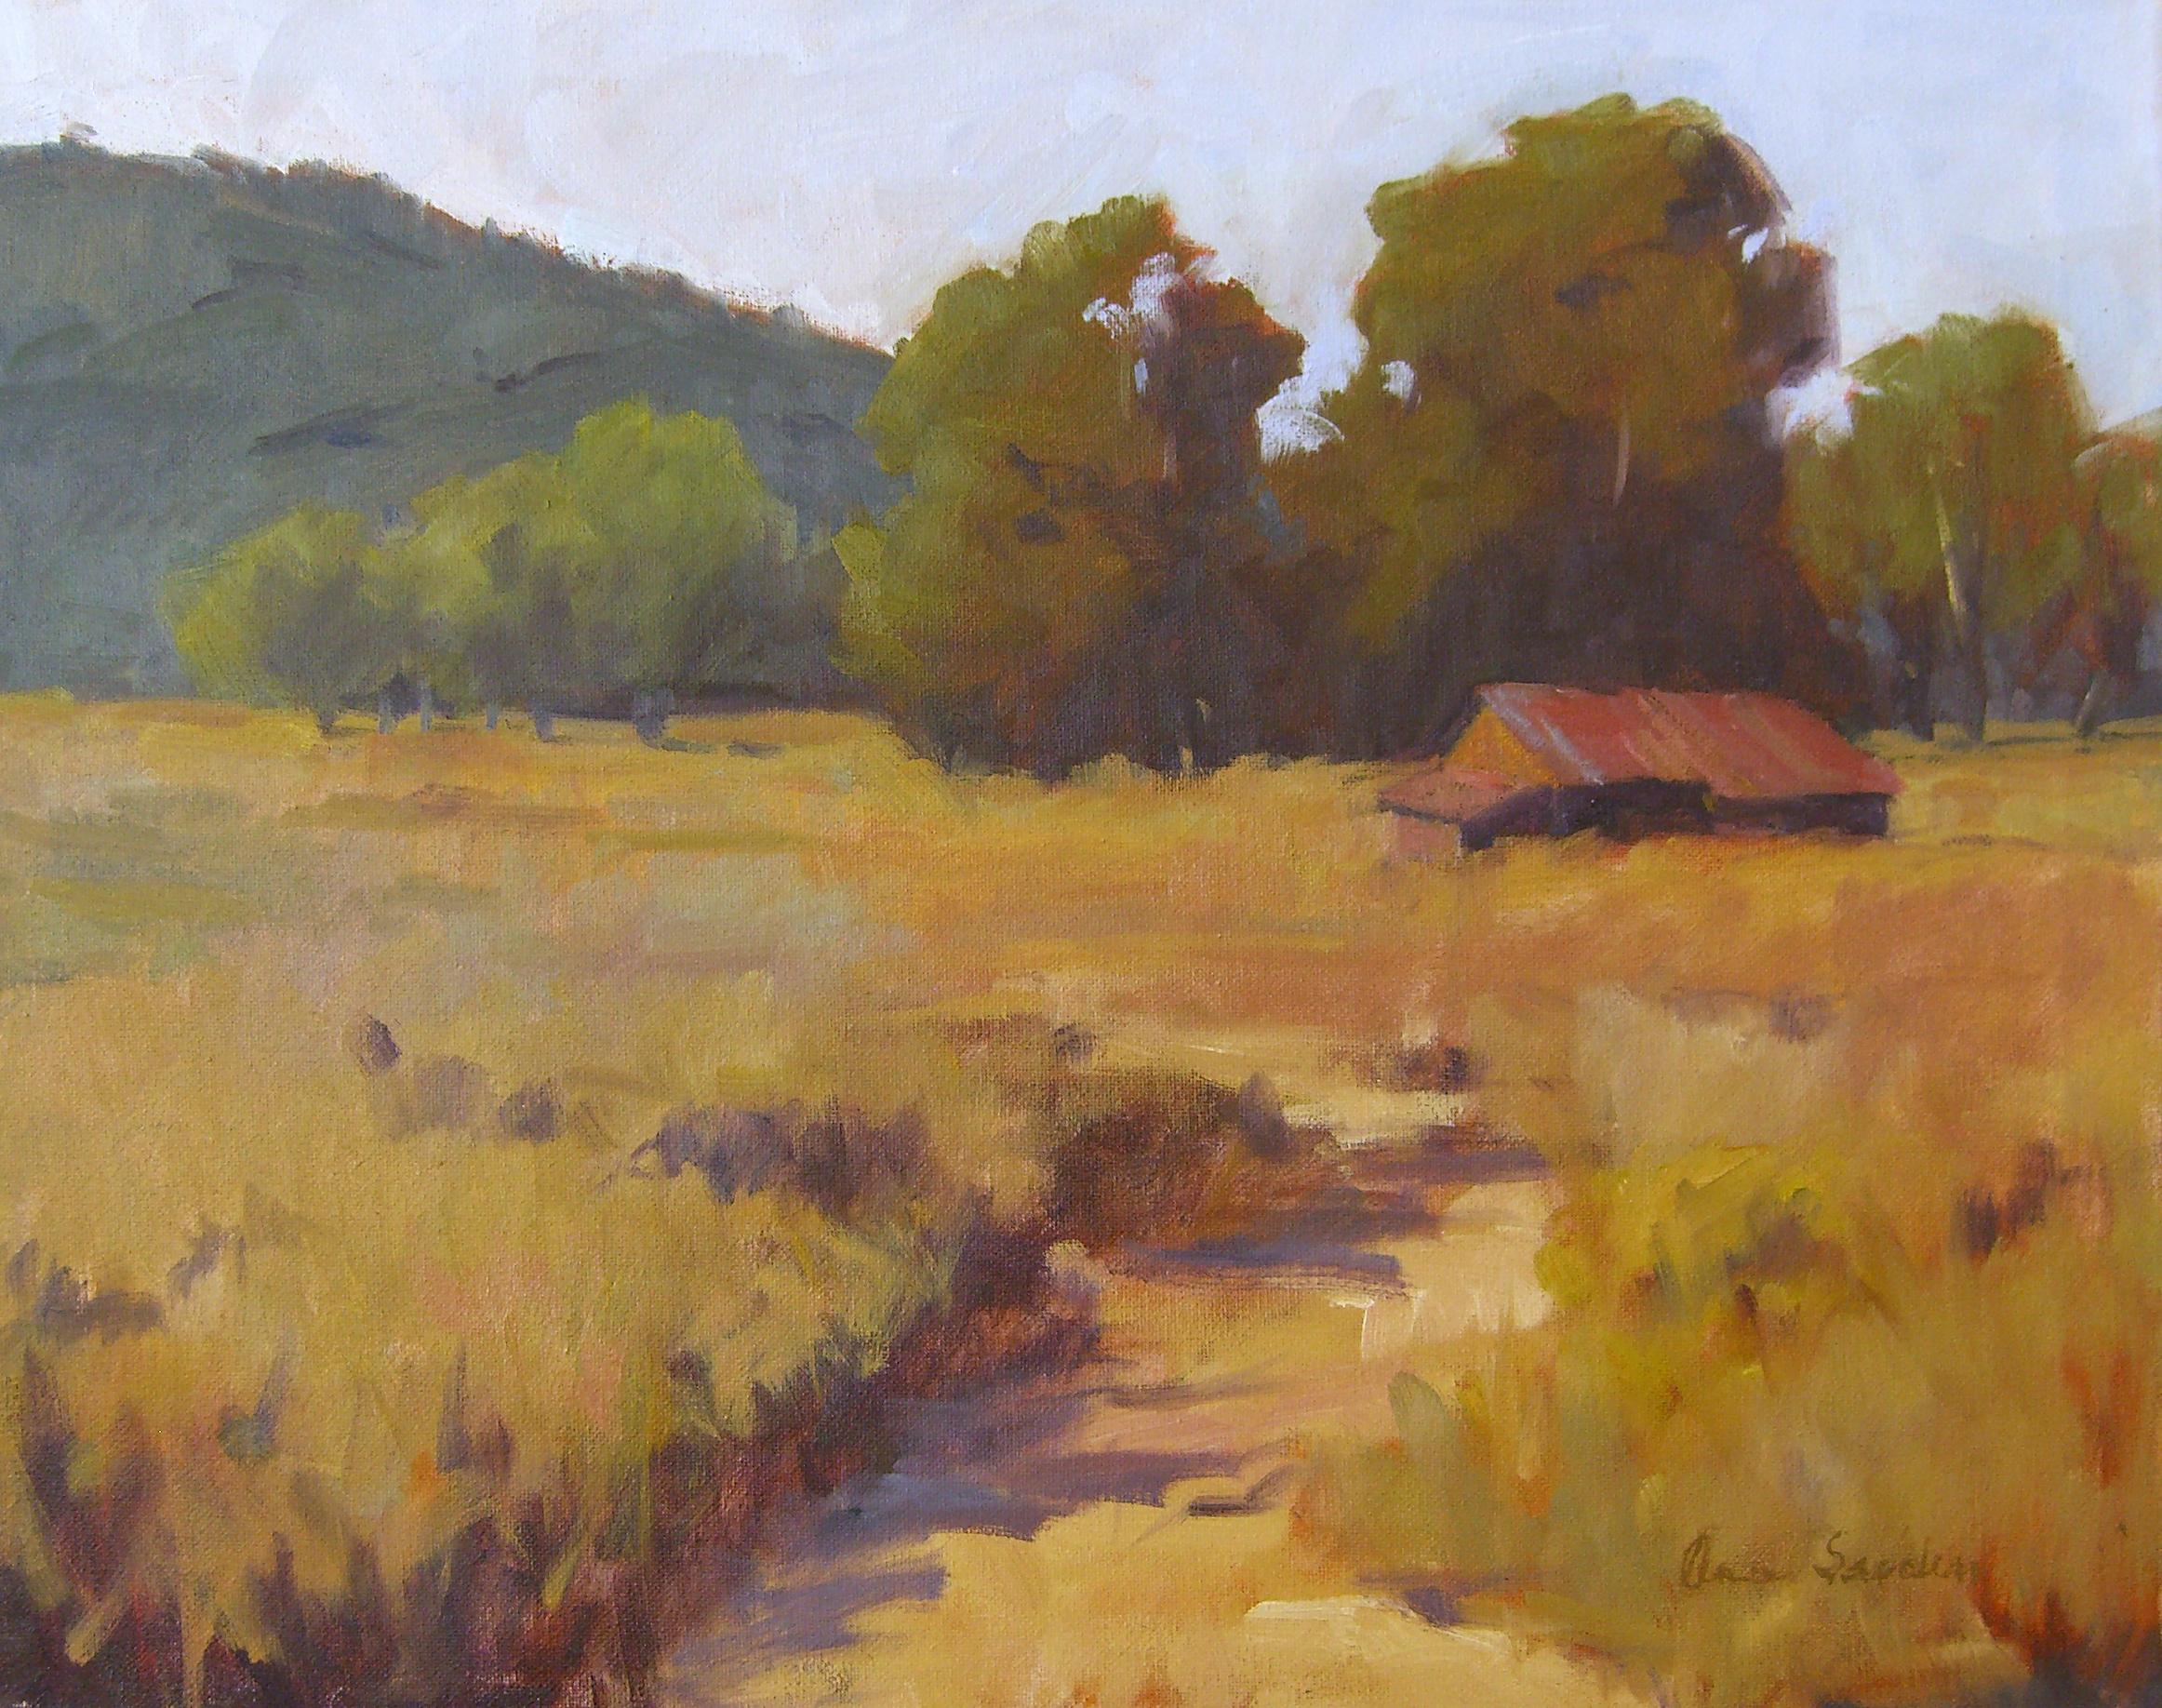 Goat Ranch, Mono, oil, 16x20